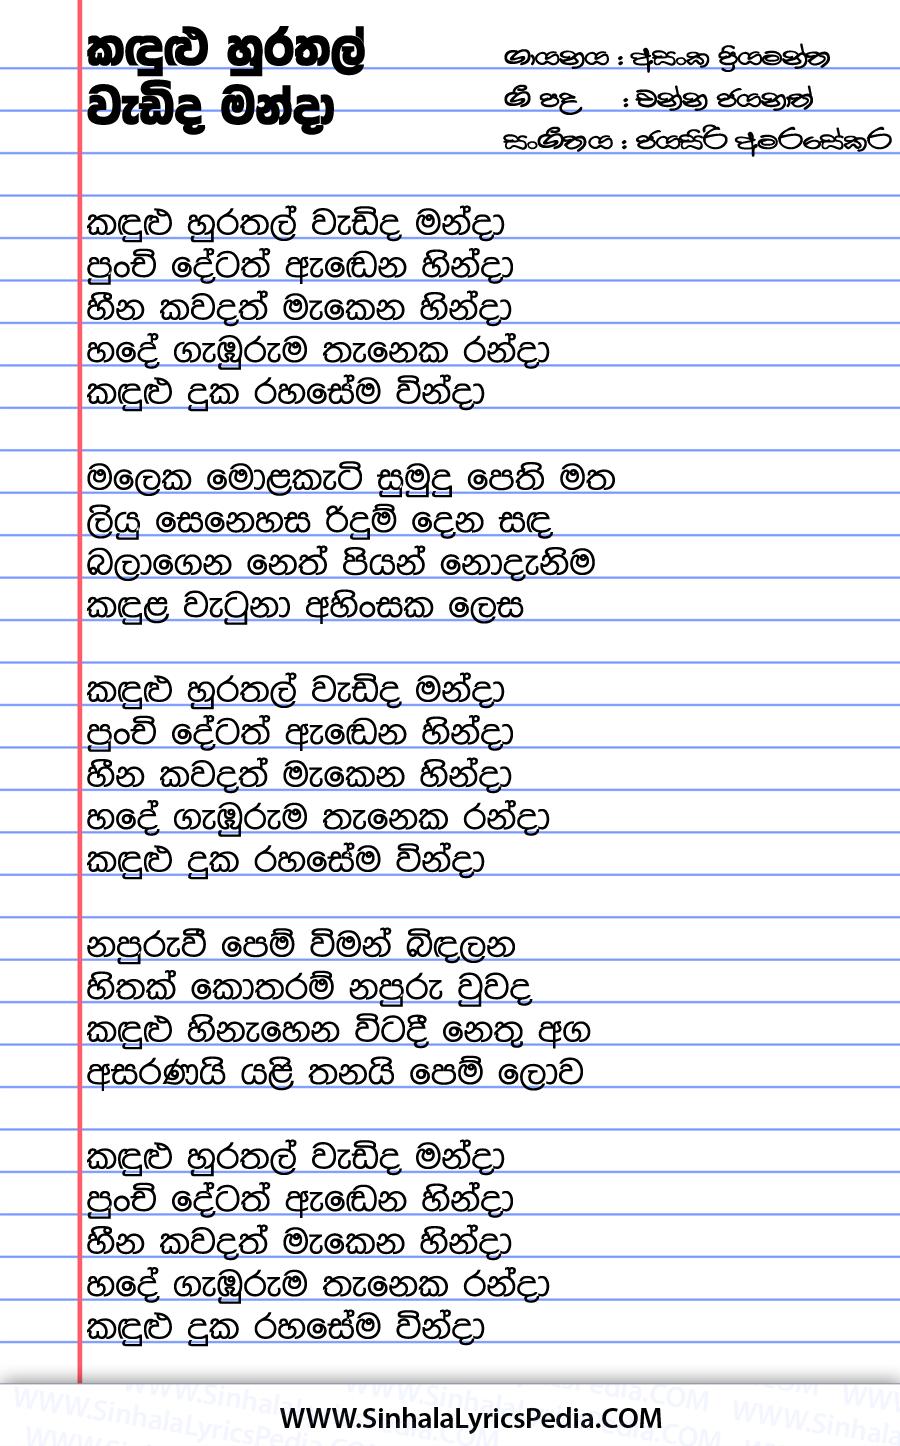 Kandulu Hurathal Wadida Manda Song Lyrics